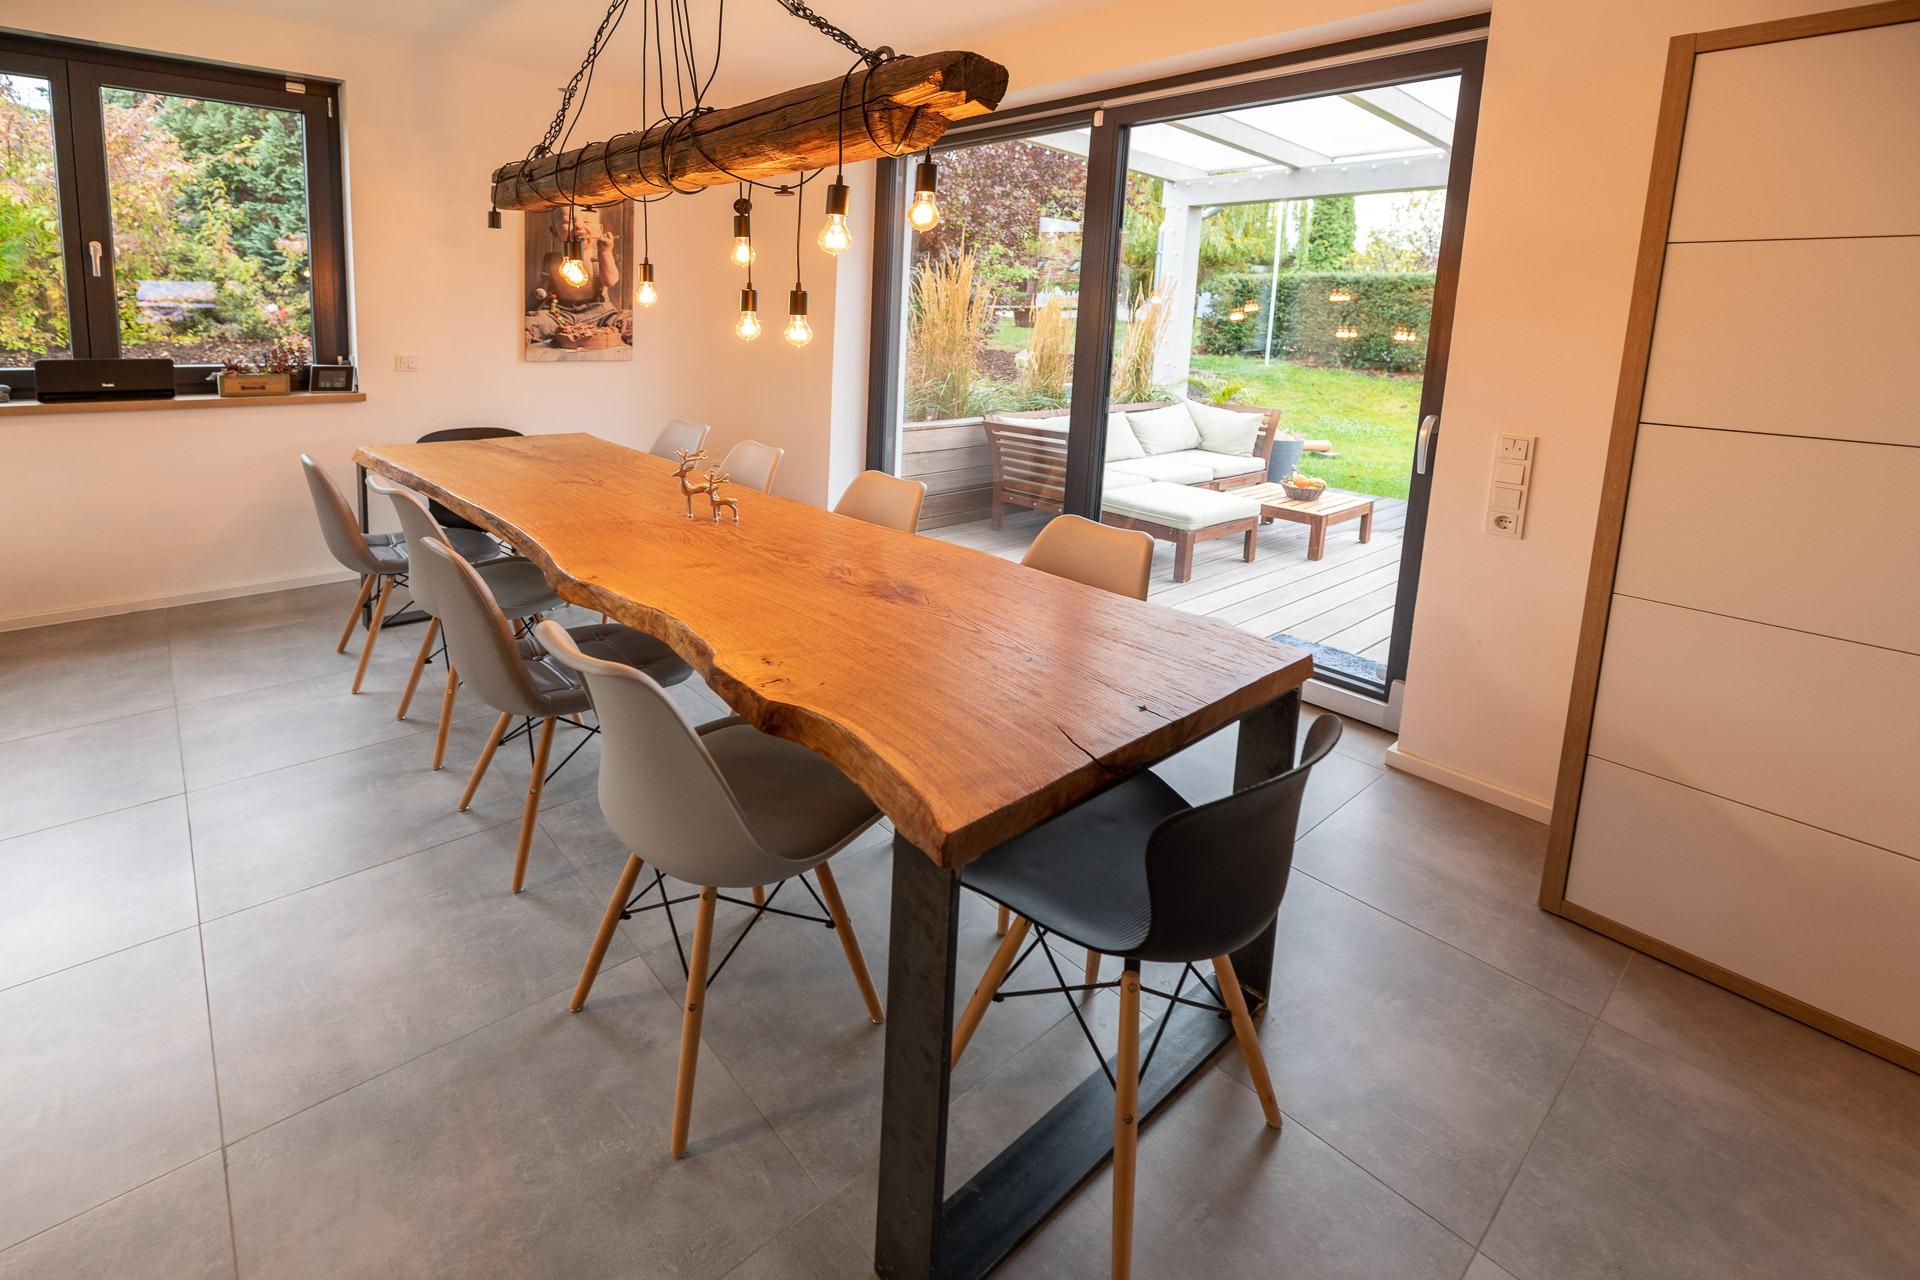 Esstisch im Industrialdesign – massive Eiche Tabletop Ware, 65mm stark, Baumkante 3200 mm x 850 mm, gebürstet und geölt